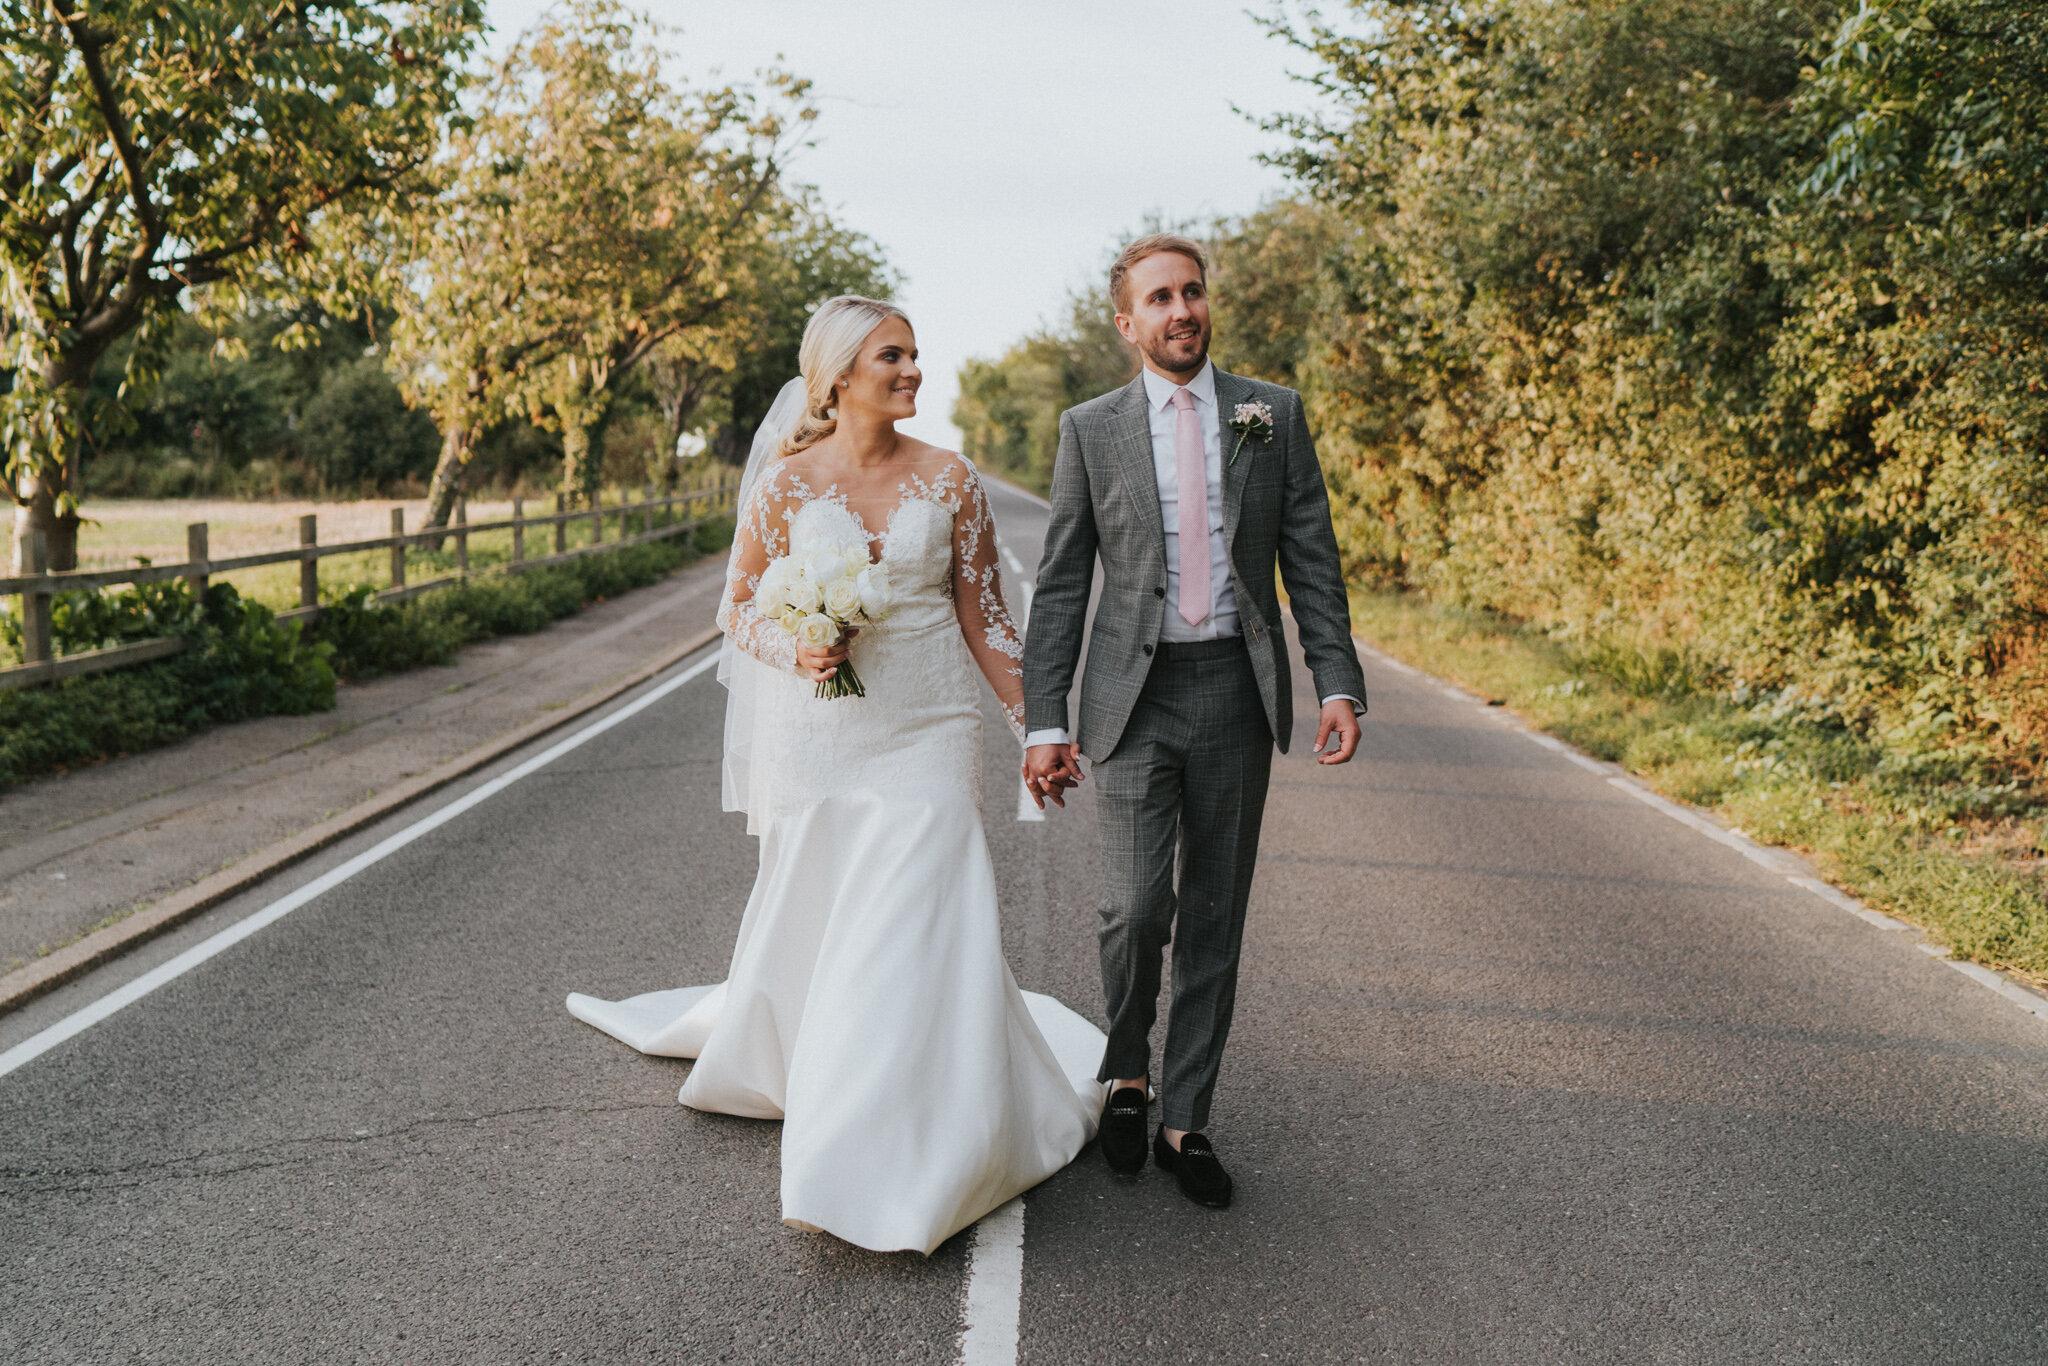 amy-ross-diy-garden-wedding-grace-elizabeth-colchester-essex-suffolk-devon-norfolk-wedding-lifestyle-photographer (43 of 51).jpg